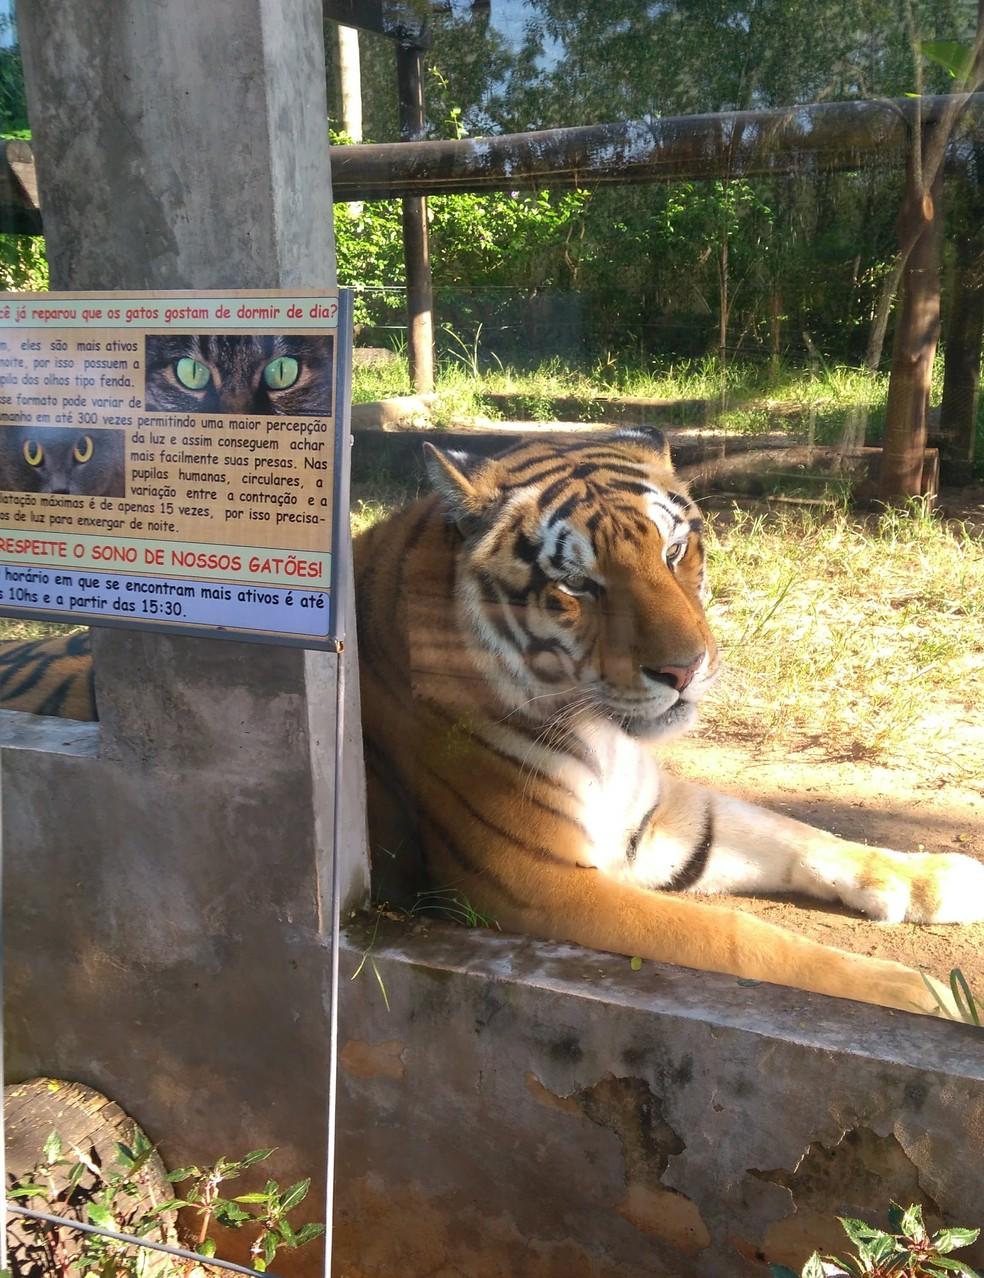 Tigre-de-bengala Chorão morre aos 19 anos e emociona equipe do Zoo de Bauru — Foto: Samantha Bittencourt/Arquivo pessoal